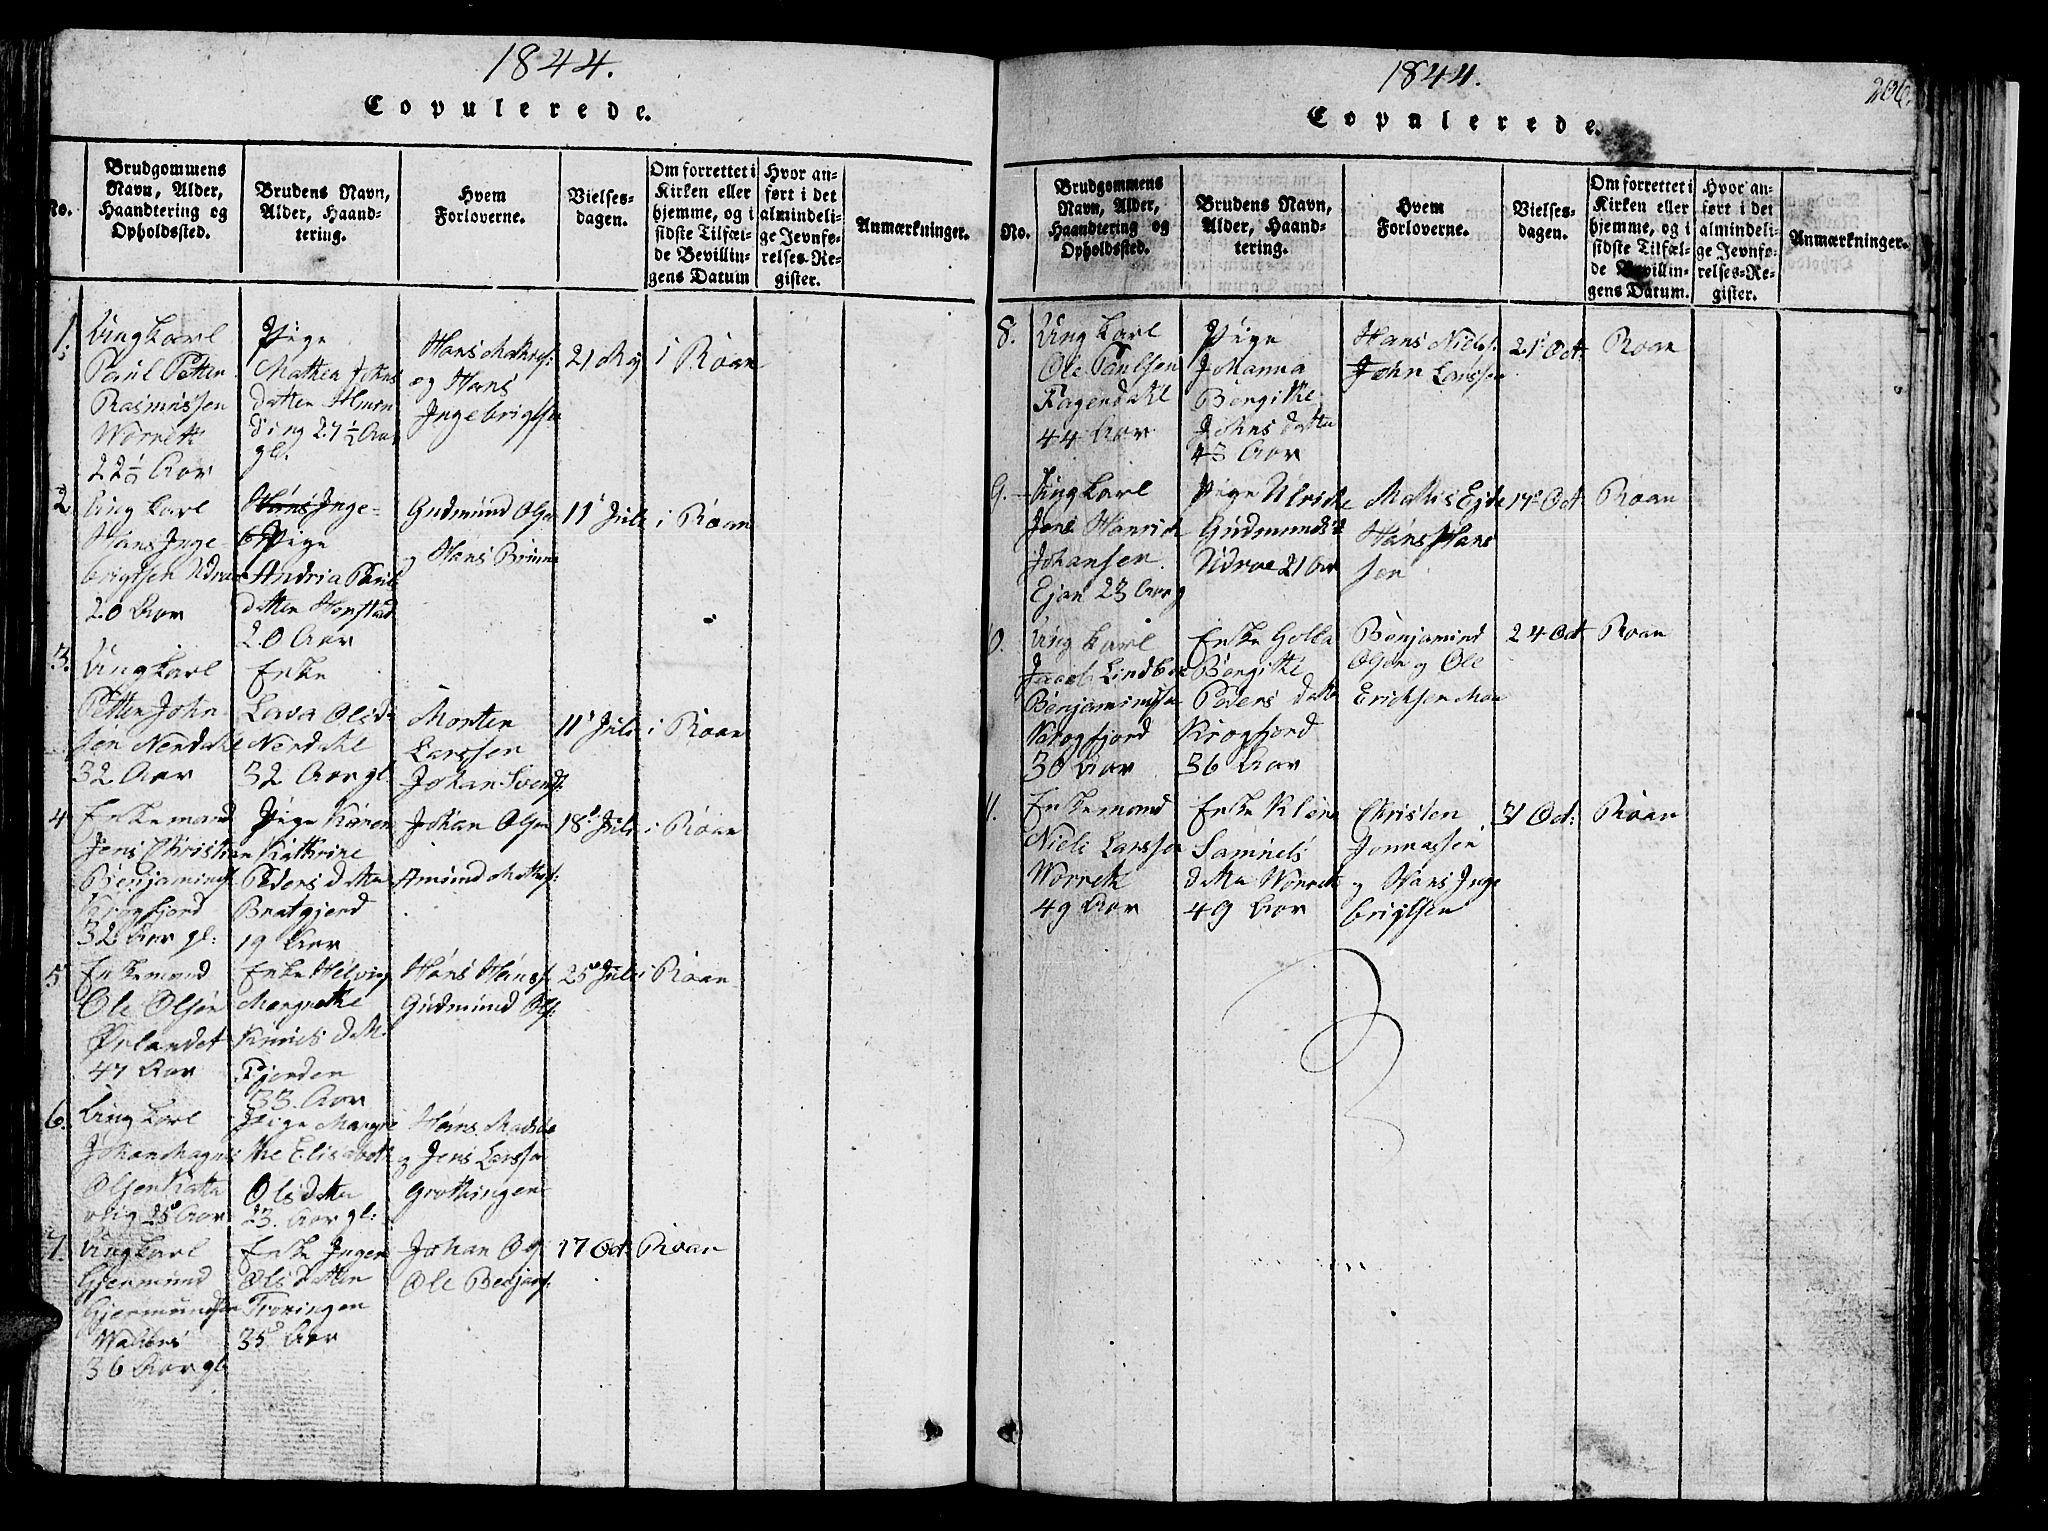 SAT, Ministerialprotokoller, klokkerbøker og fødselsregistre - Sør-Trøndelag, 657/L0714: Klokkerbok nr. 657C01, 1818-1868, s. 206